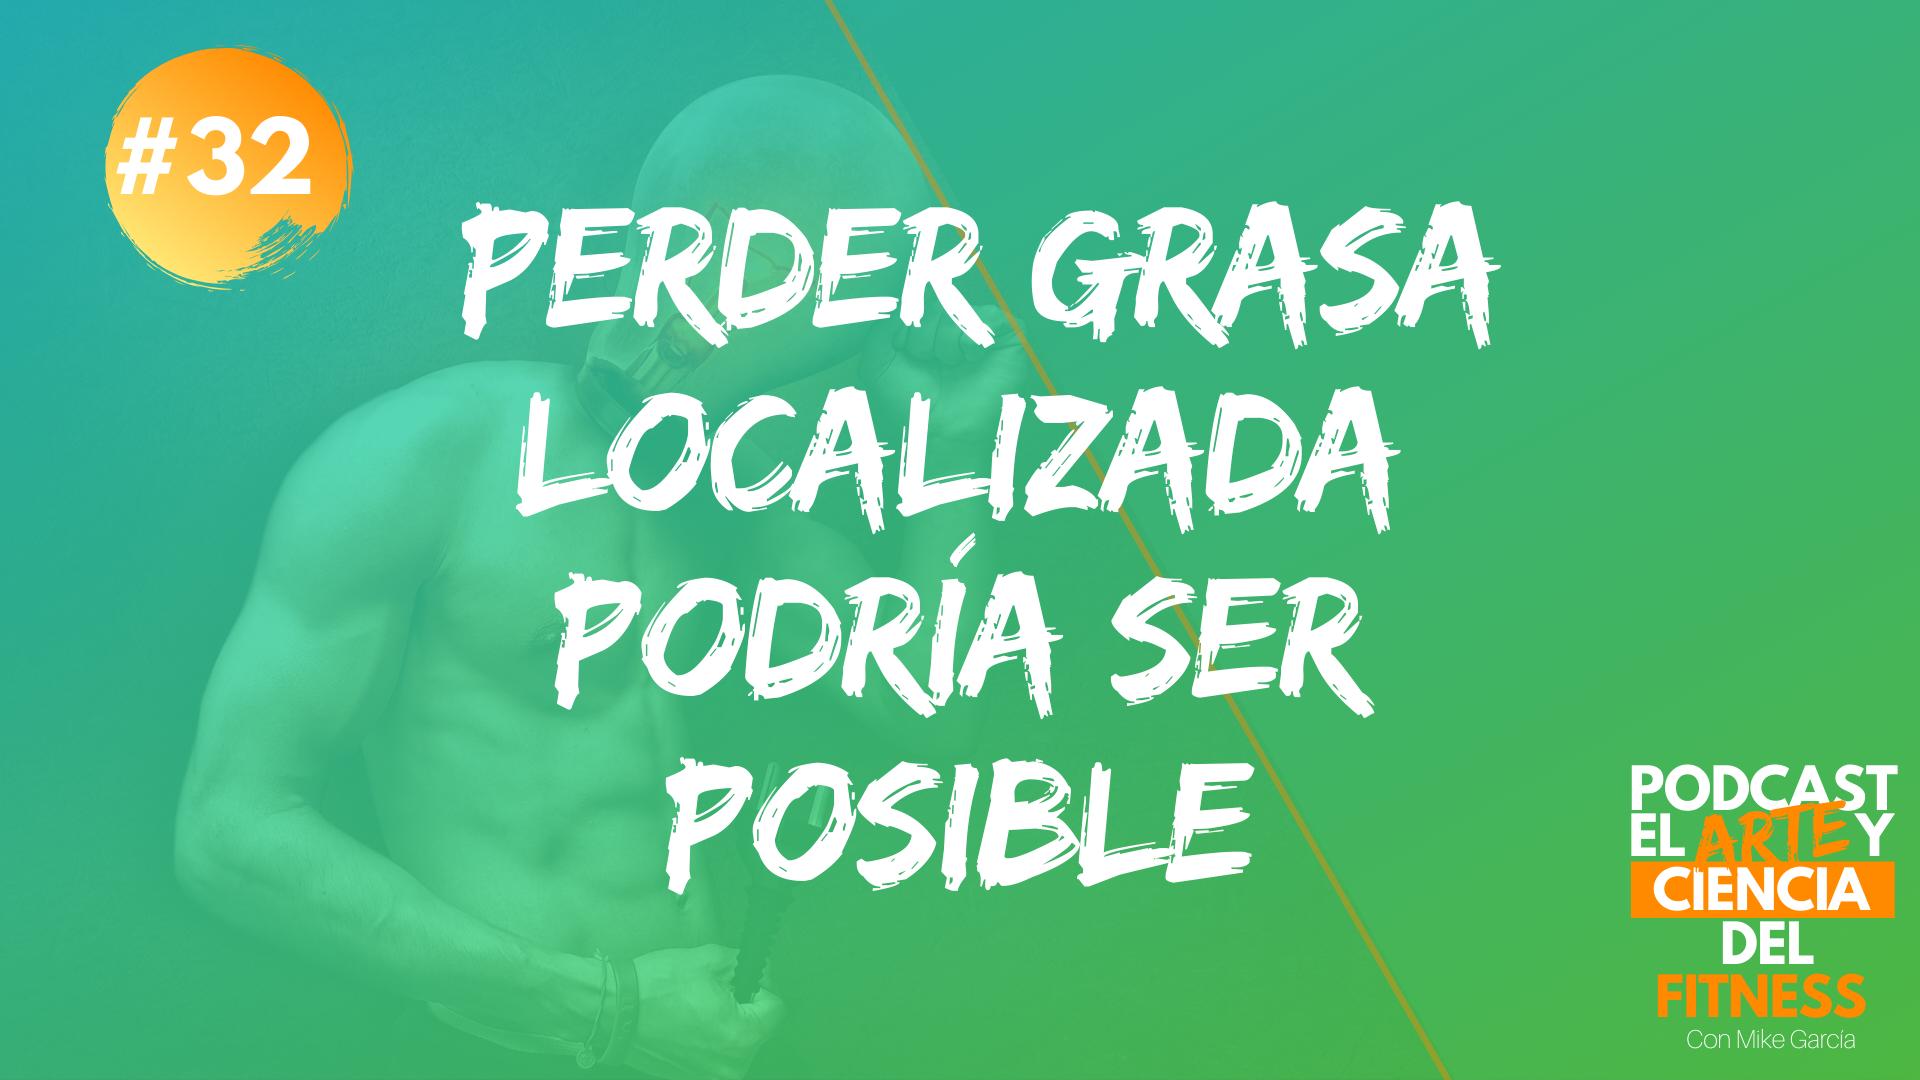 Podcast #32: Perder Grasa Localizada Podría Ser Posible